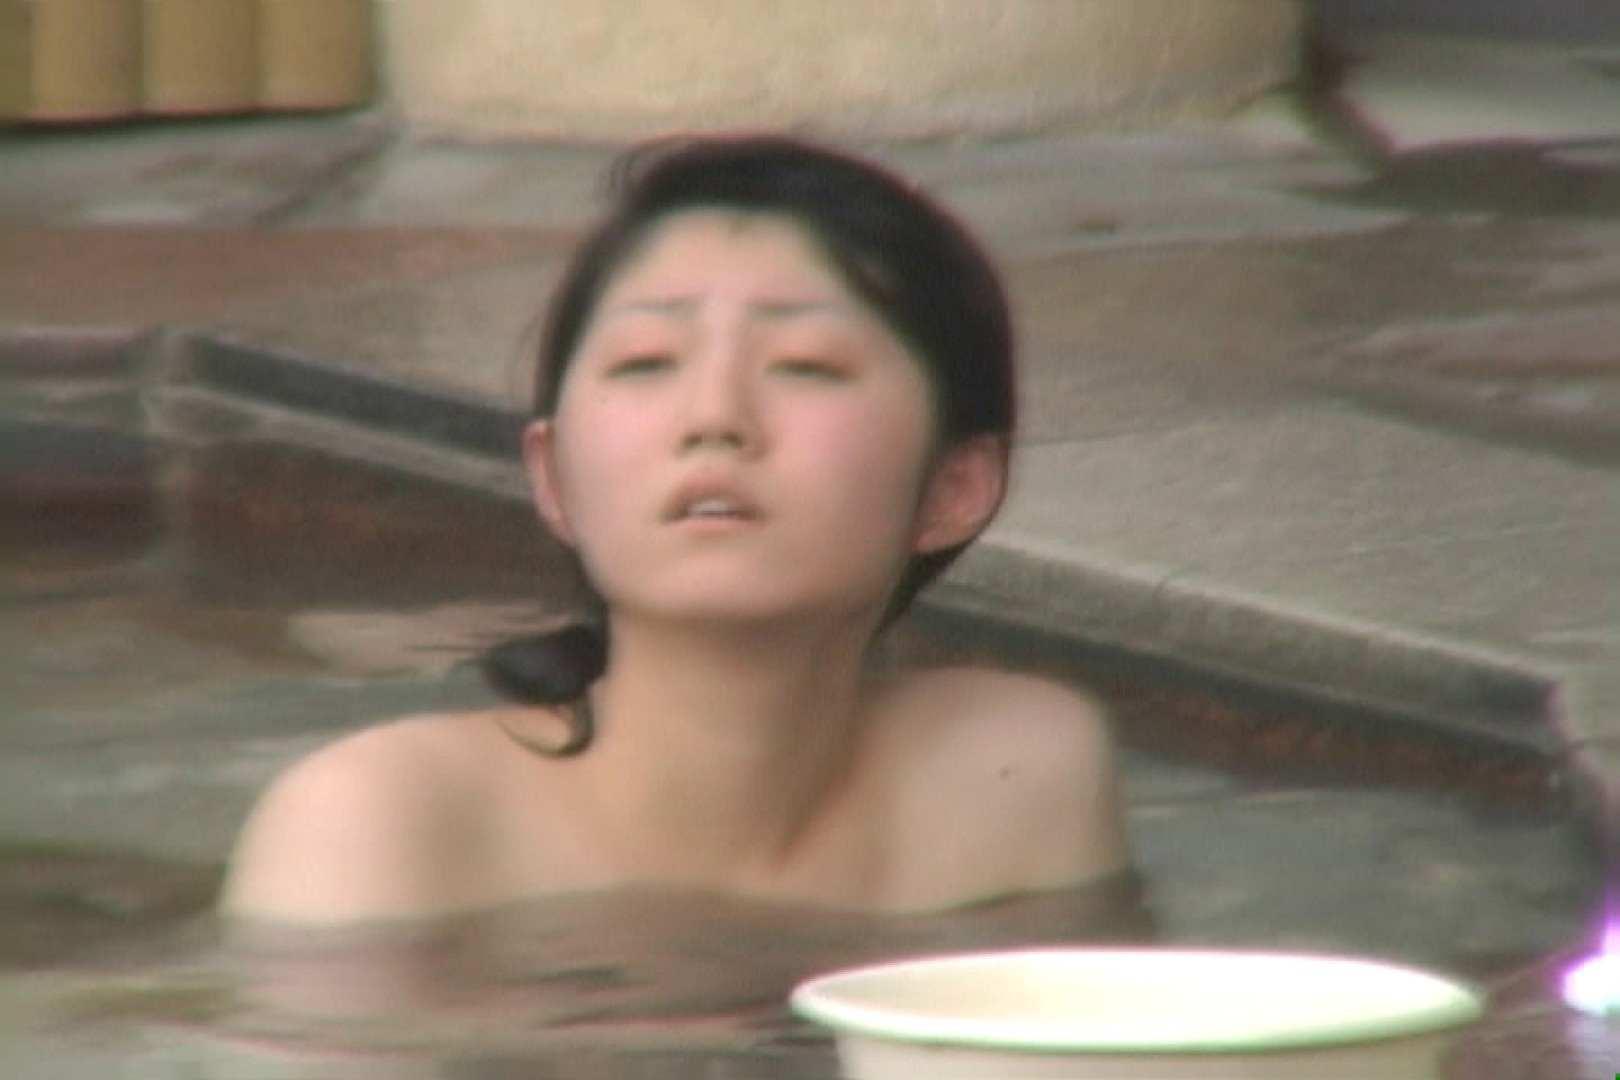 Aquaな露天風呂Vol.579 OLエロ画像   露天  42PICs 16